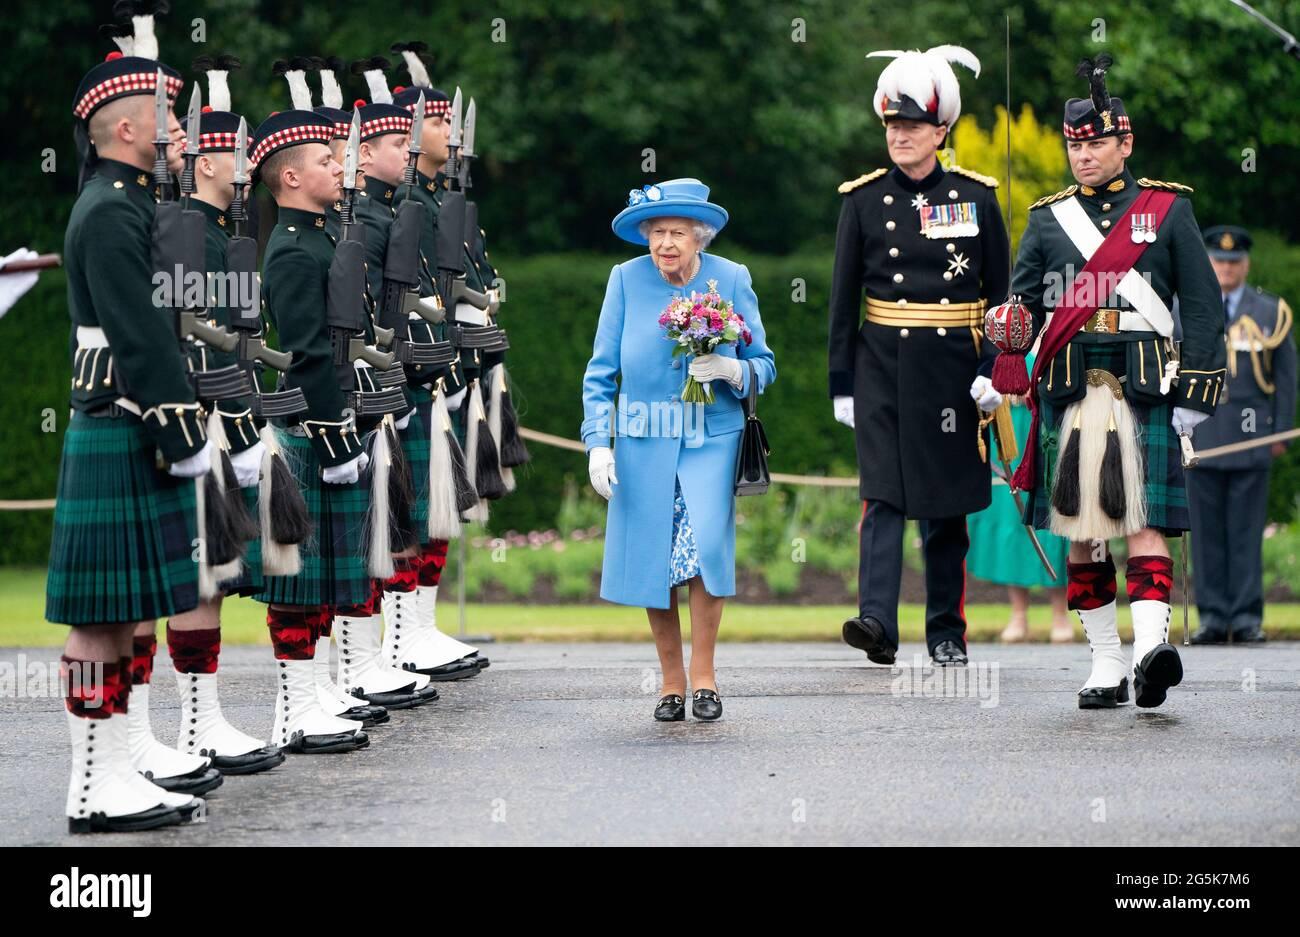 Königin Elizabeth II., die vom Herzog von Cambridge, bekannt als Earl of Strathearn in Schottland, begleitet wurde, nimmt an der Zeremonie der Schlüssel auf dem Vorplatz des Palace of Holyroodhouse in Edinburgh Teil, als Teil ihrer traditionellen Reise nach Schottland für die Holyrood Week. Bilddatum: Montag, 28. Juni 2021. Stockfoto